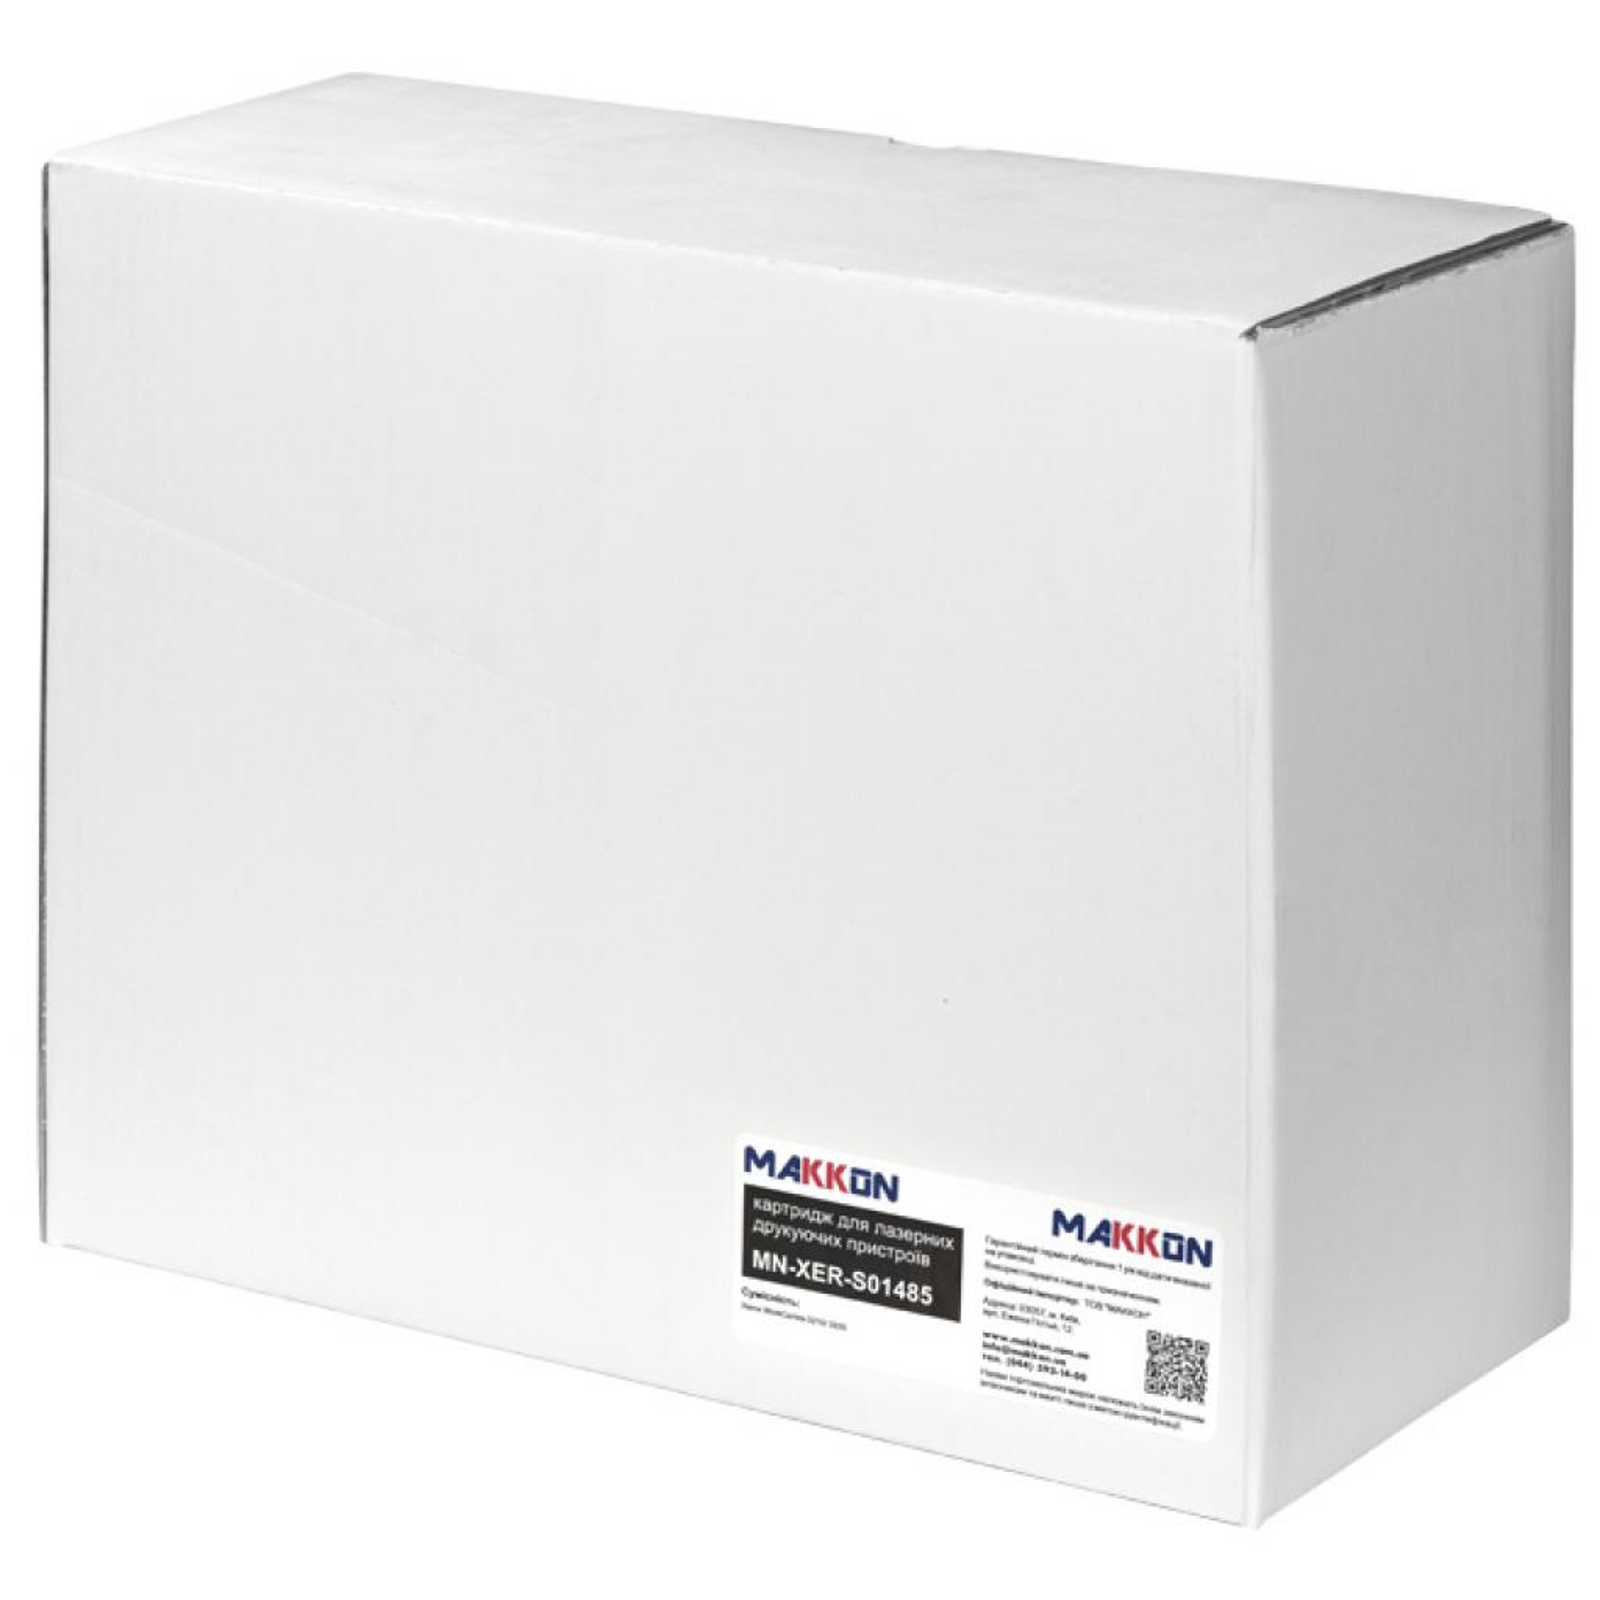 Картридж Makkon Xerox 106R01485 2k Black (MN-XER-S01485)